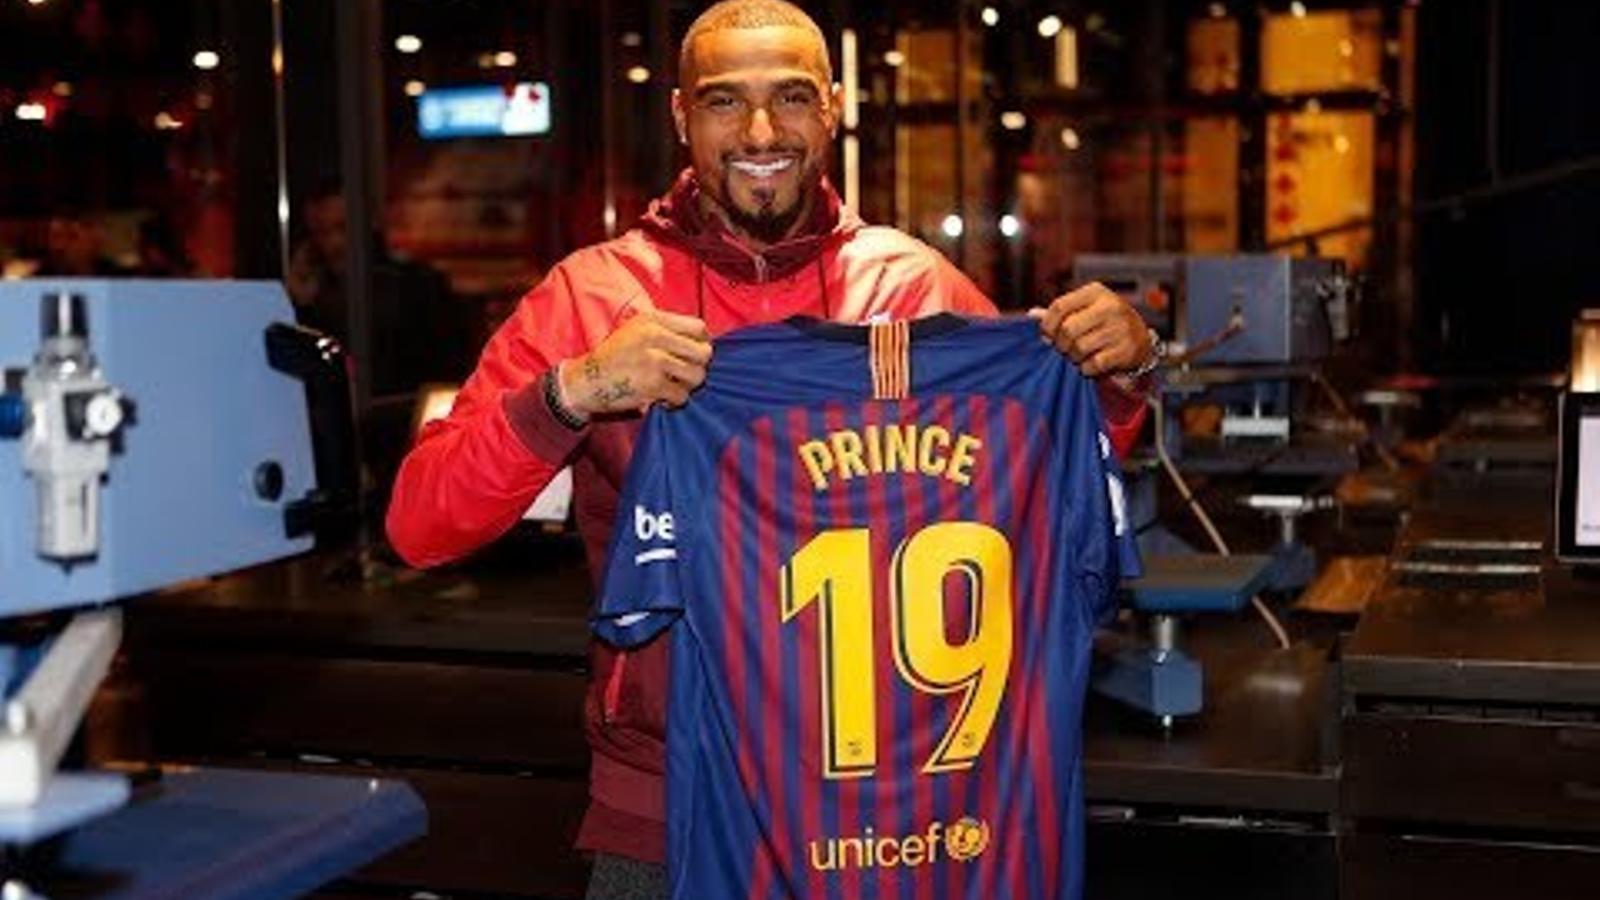 La presentació de Kevin-Prince Boateng com a nou jugador del Barça, en directe